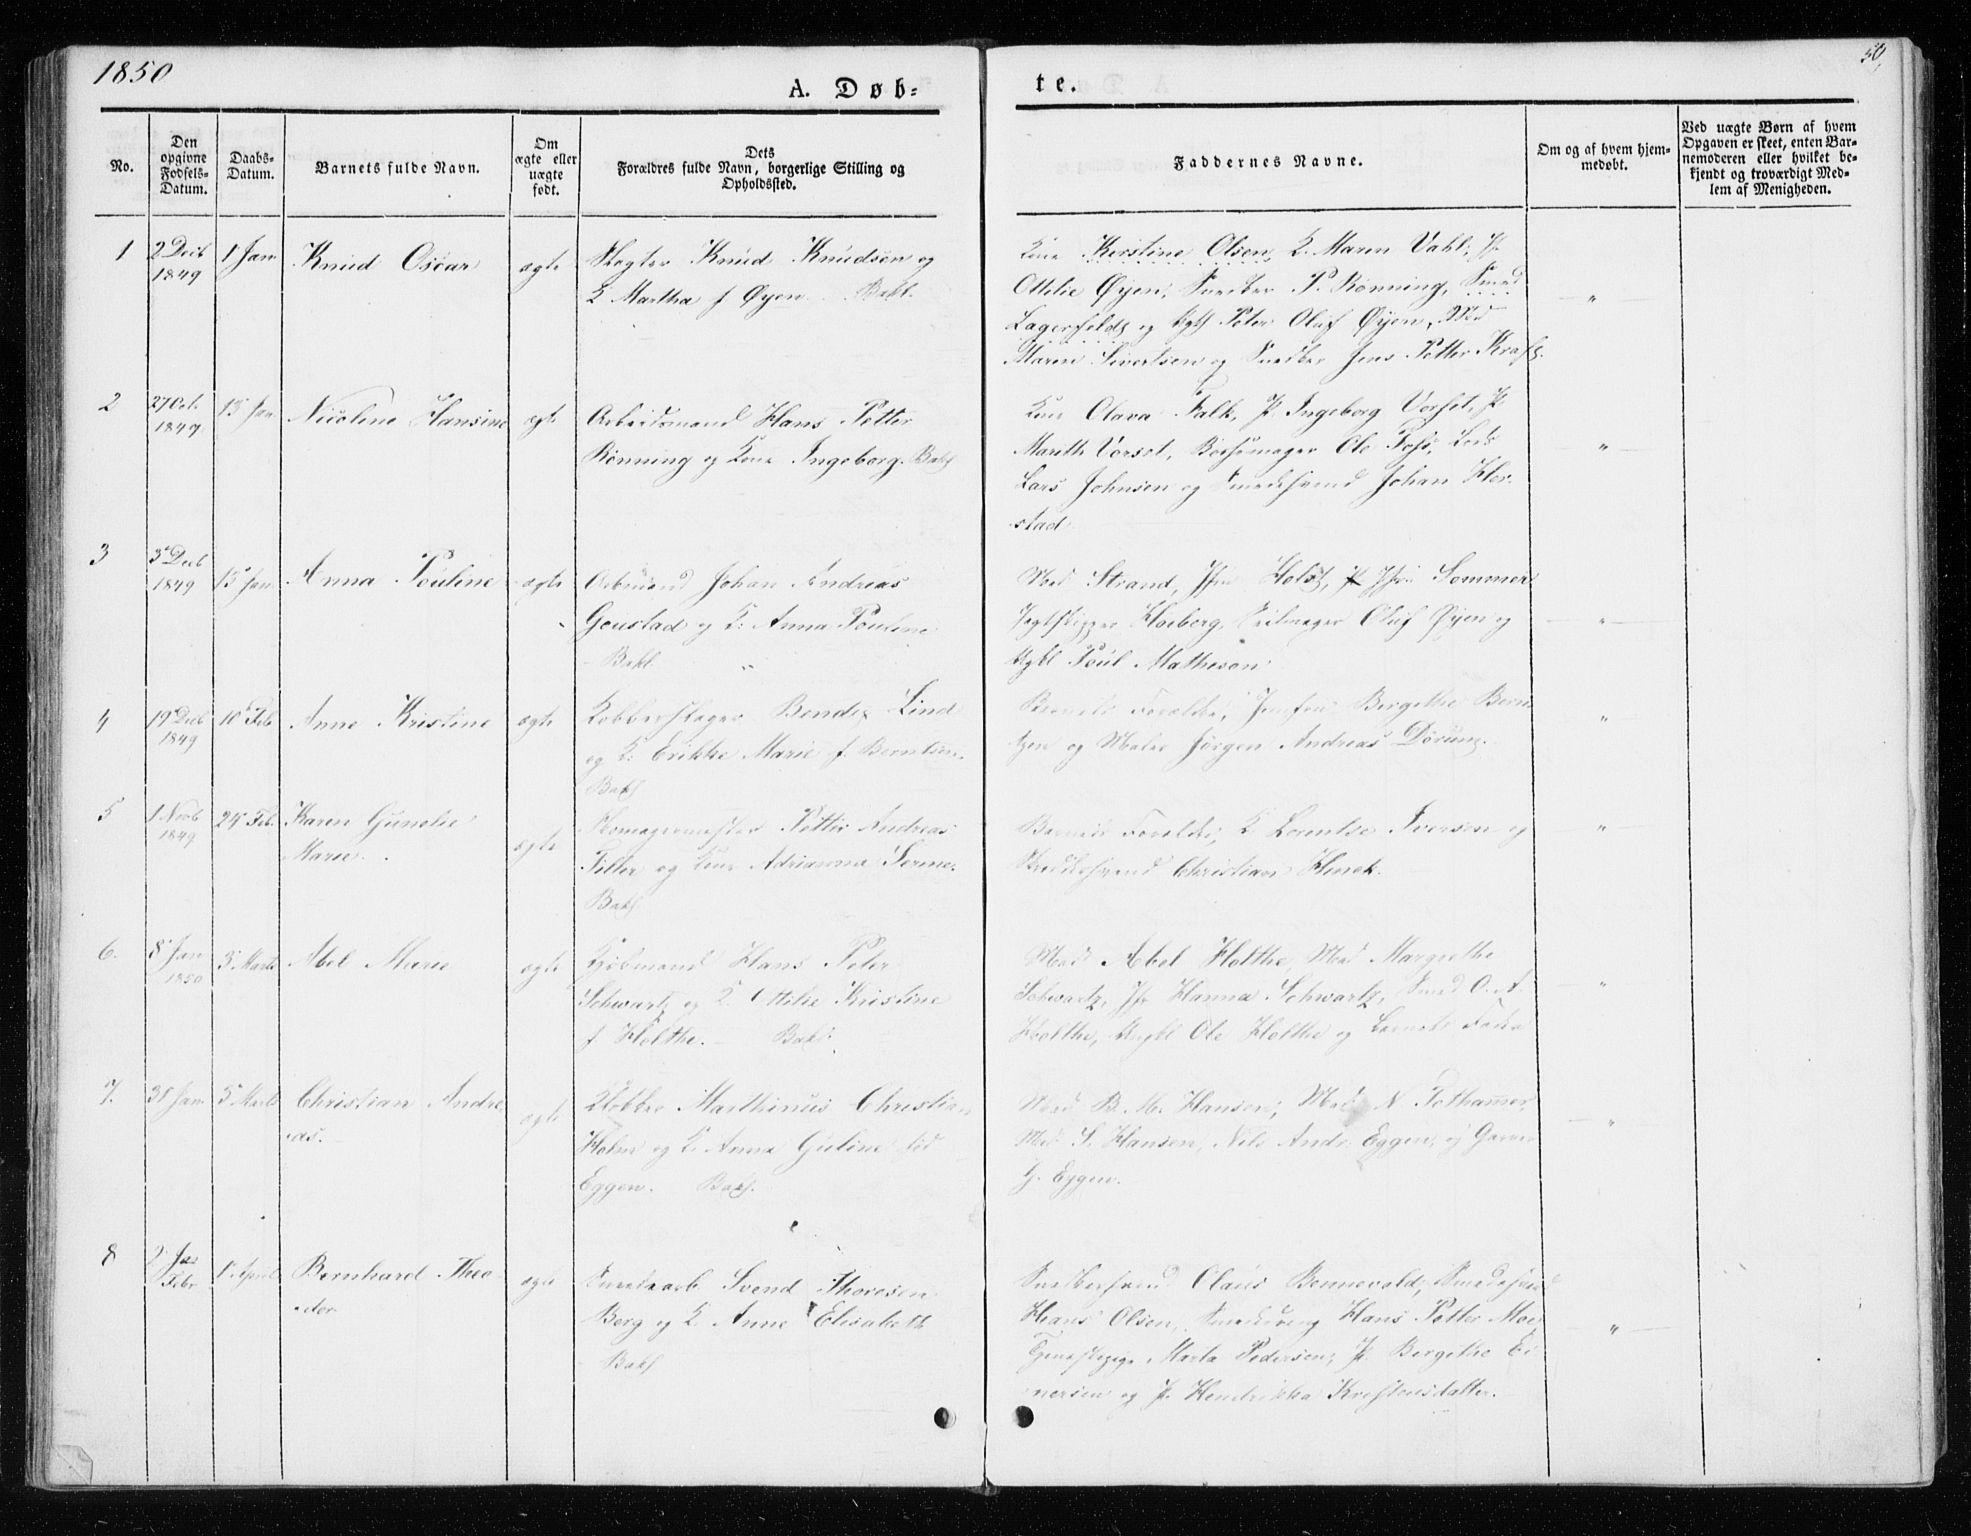 SAT, Ministerialprotokoller, klokkerbøker og fødselsregistre - Sør-Trøndelag, 604/L0183: Ministerialbok nr. 604A04, 1841-1850, s. 50